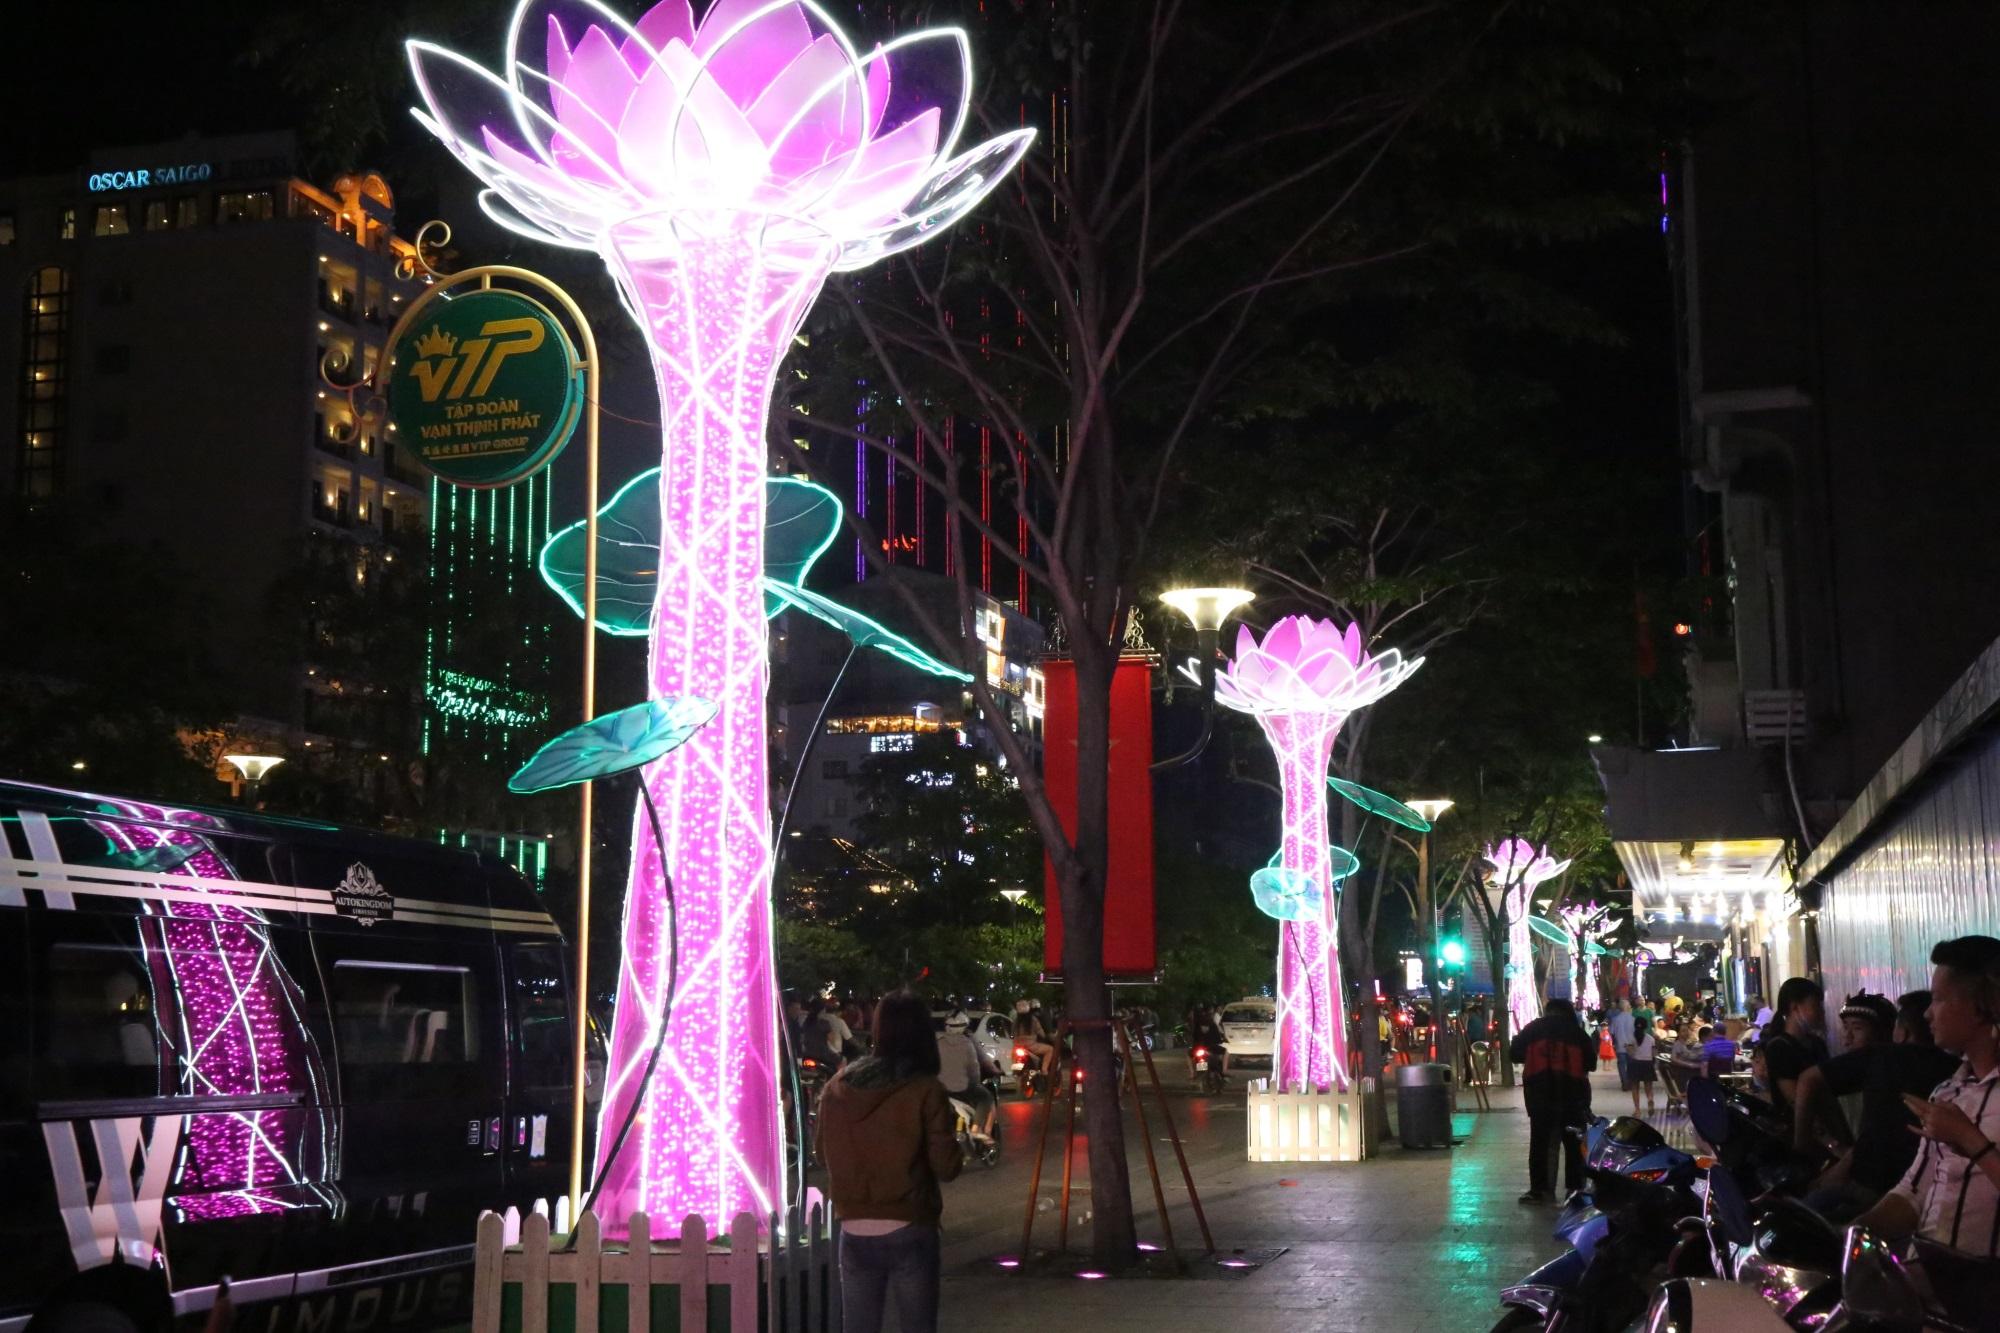 Hàng triệu người dân Sài Gòn xuống phố đón màn pháo hoa rực rỡ mừng năm mới 2019 - Ảnh 19